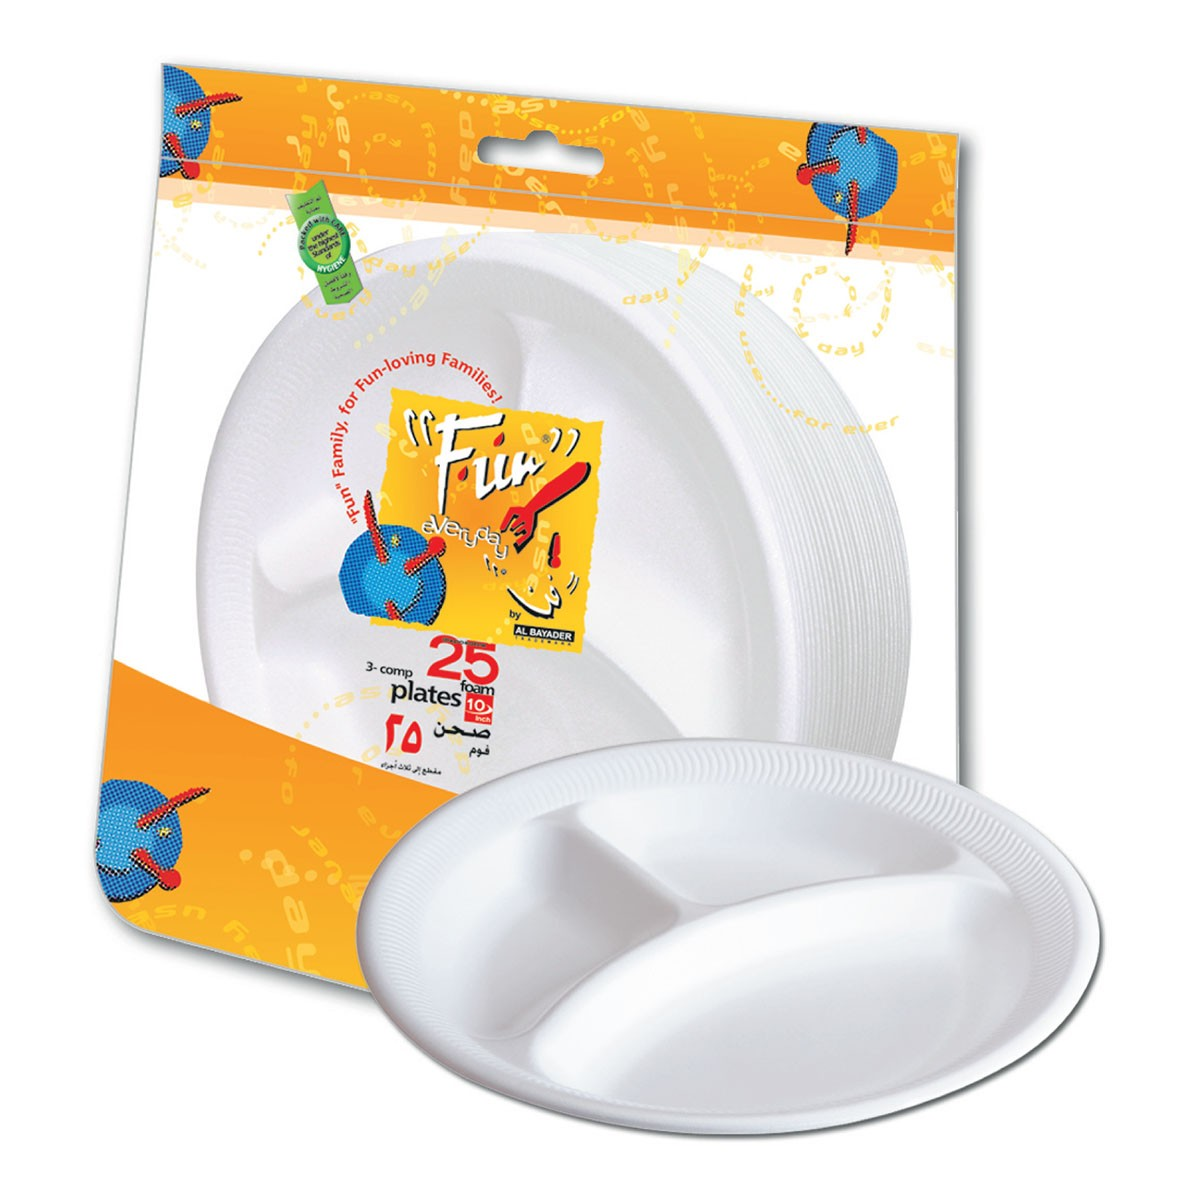 Fun® 3-Comp.Foam Plate ⌀10in - White   25pcsx20pkts